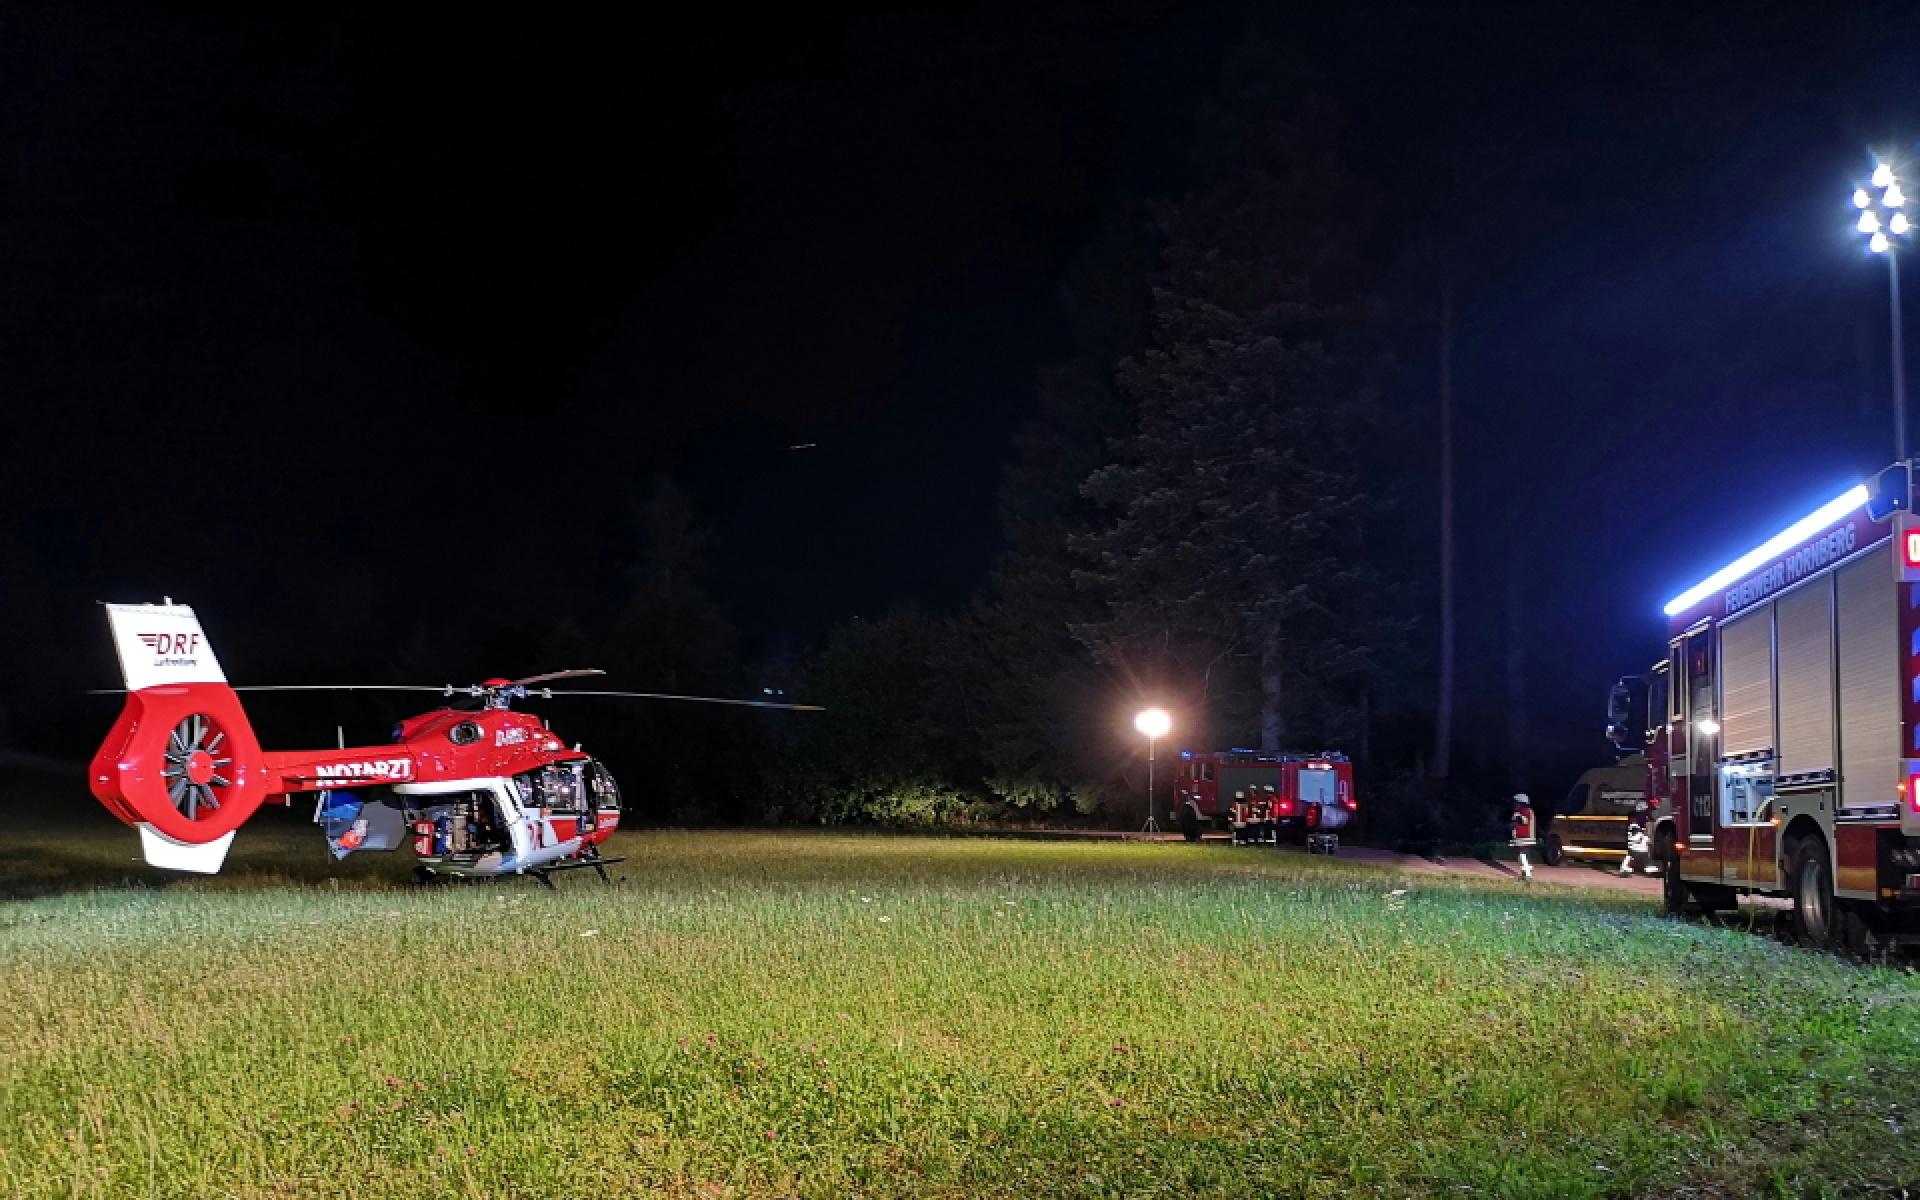 Am Einsatzort leuchtet die Feuerwehr neben der Unglückstelle auch den Landeplatz für Christoph 11 aus.